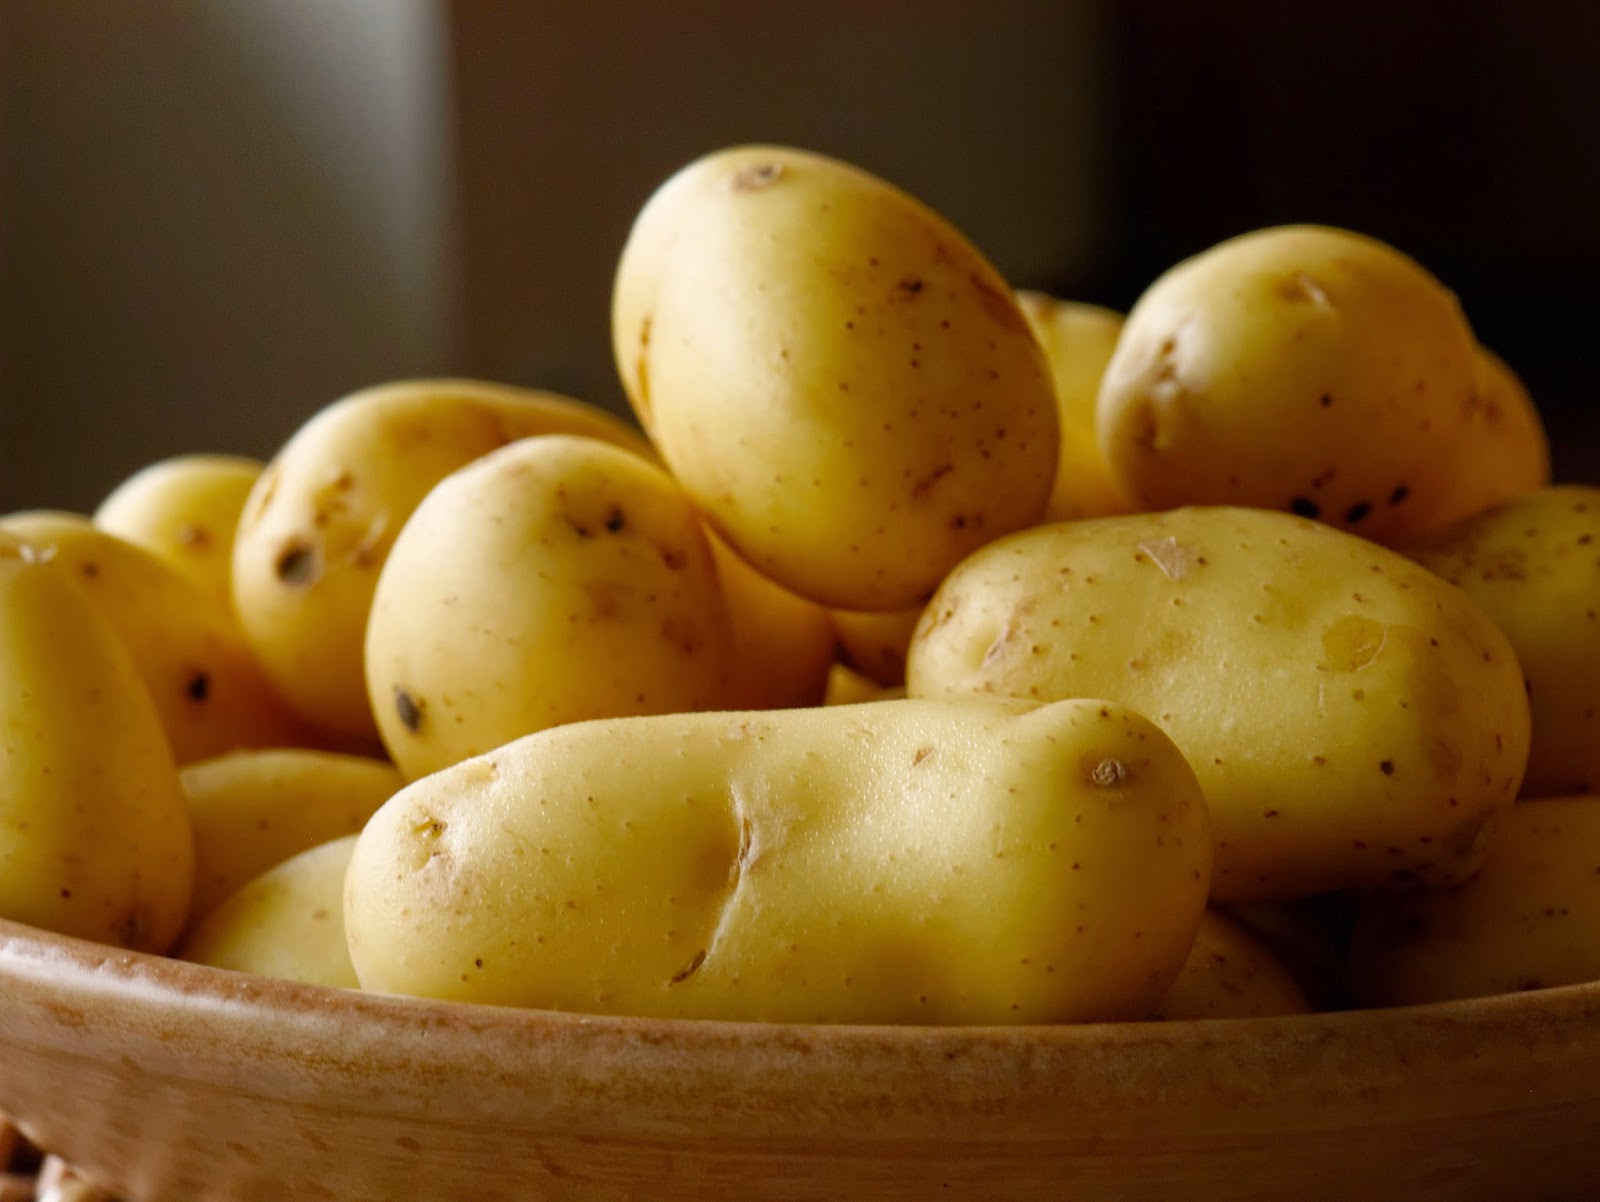 Manfaat jus kentang bagi kecantikan kulit dan wajah